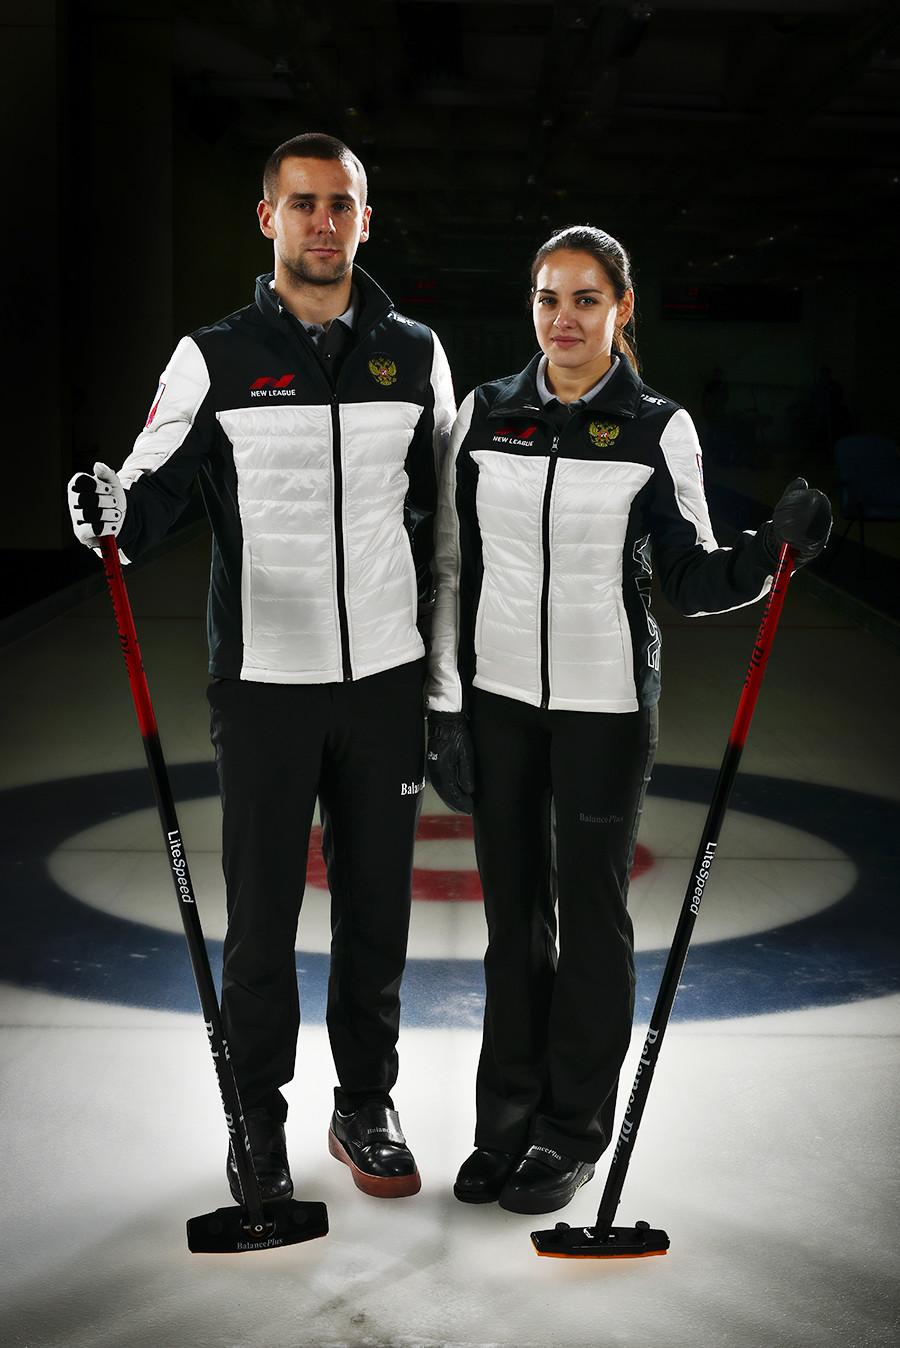 Das russische Curling-Team Anastassija Brysgalowa und Alexander Kruschelnyzkij haben bei den Olympischen Winterspielen im südkoreanischen Pyeongchang den dritten Platz ergattert und den Olympischen Athleten aus Russland (OAR) erstmals eine Medaille im Curling geholt: Bronze für Russland.